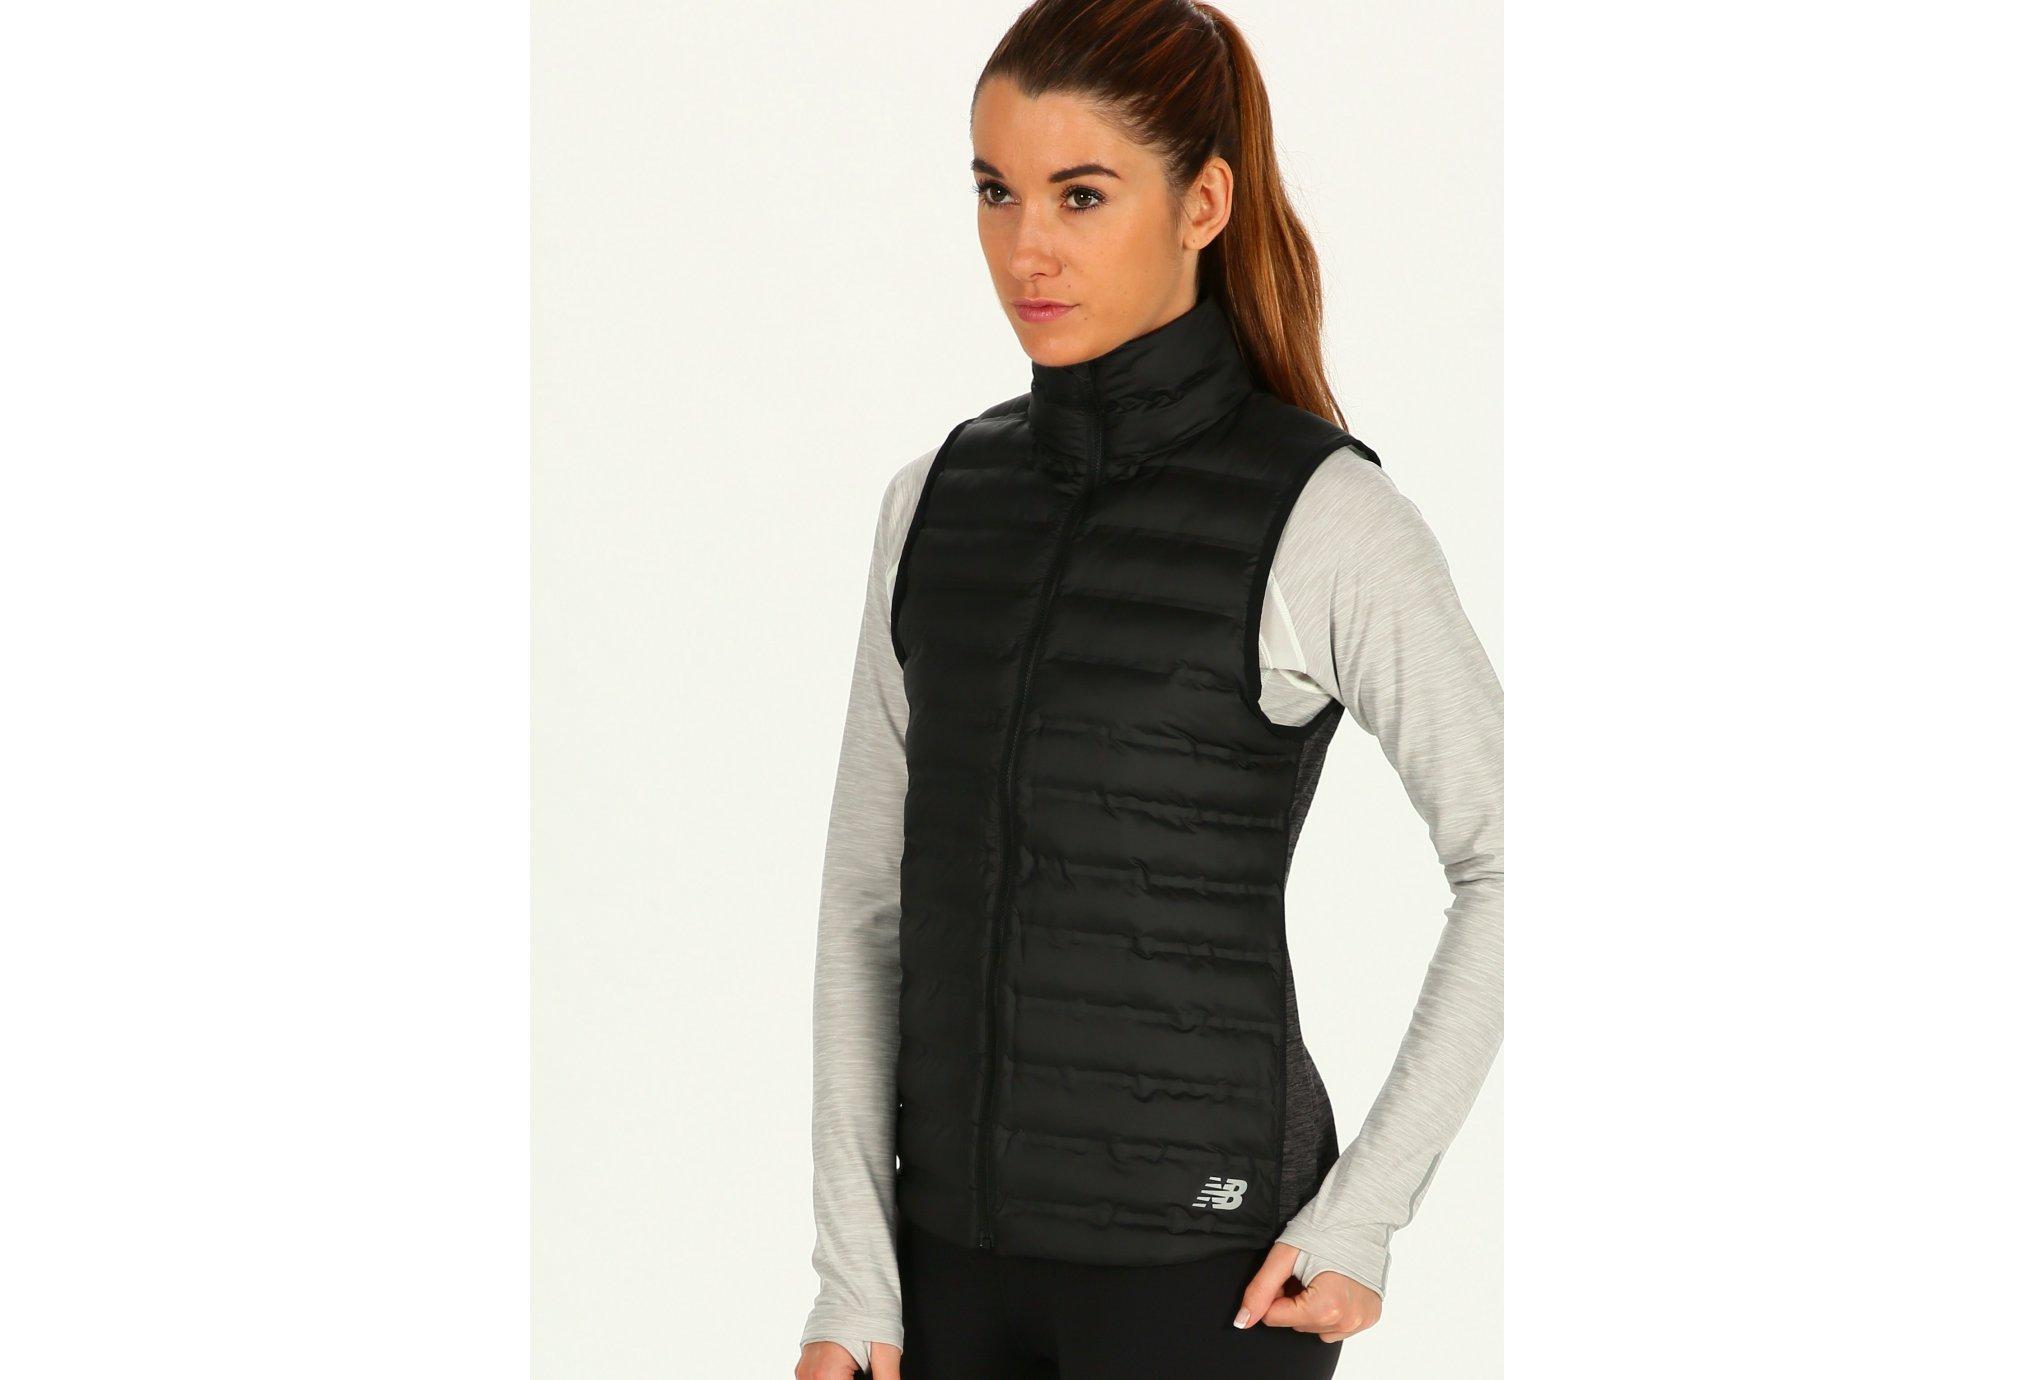 New Balance Bonded Radiant Heat W Diététique Vêtements femme